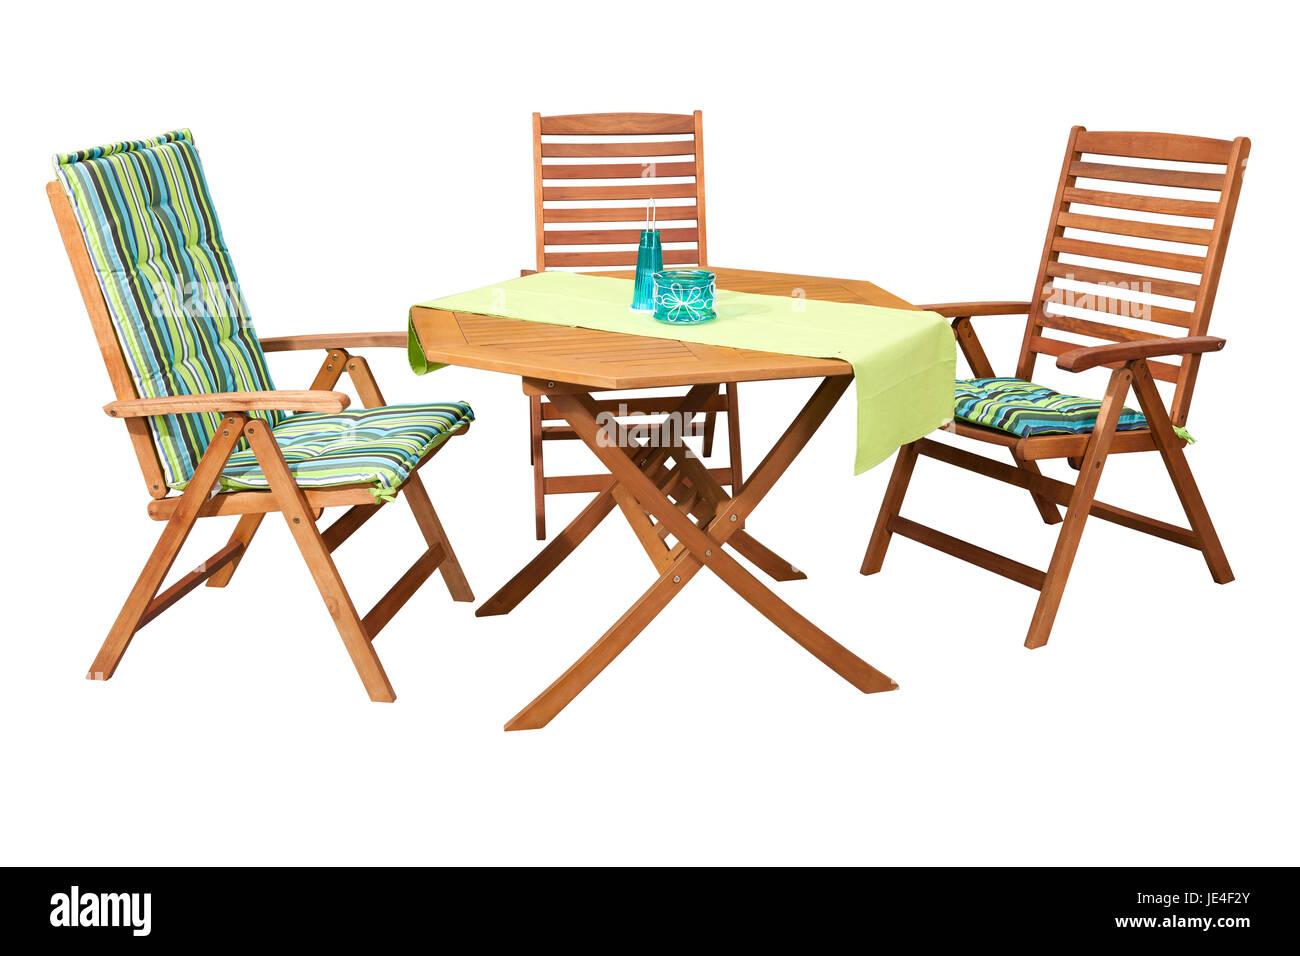 Set Aus Holz Gartenmöbel Tisch Und 3 Stühlen Isoliert Auf